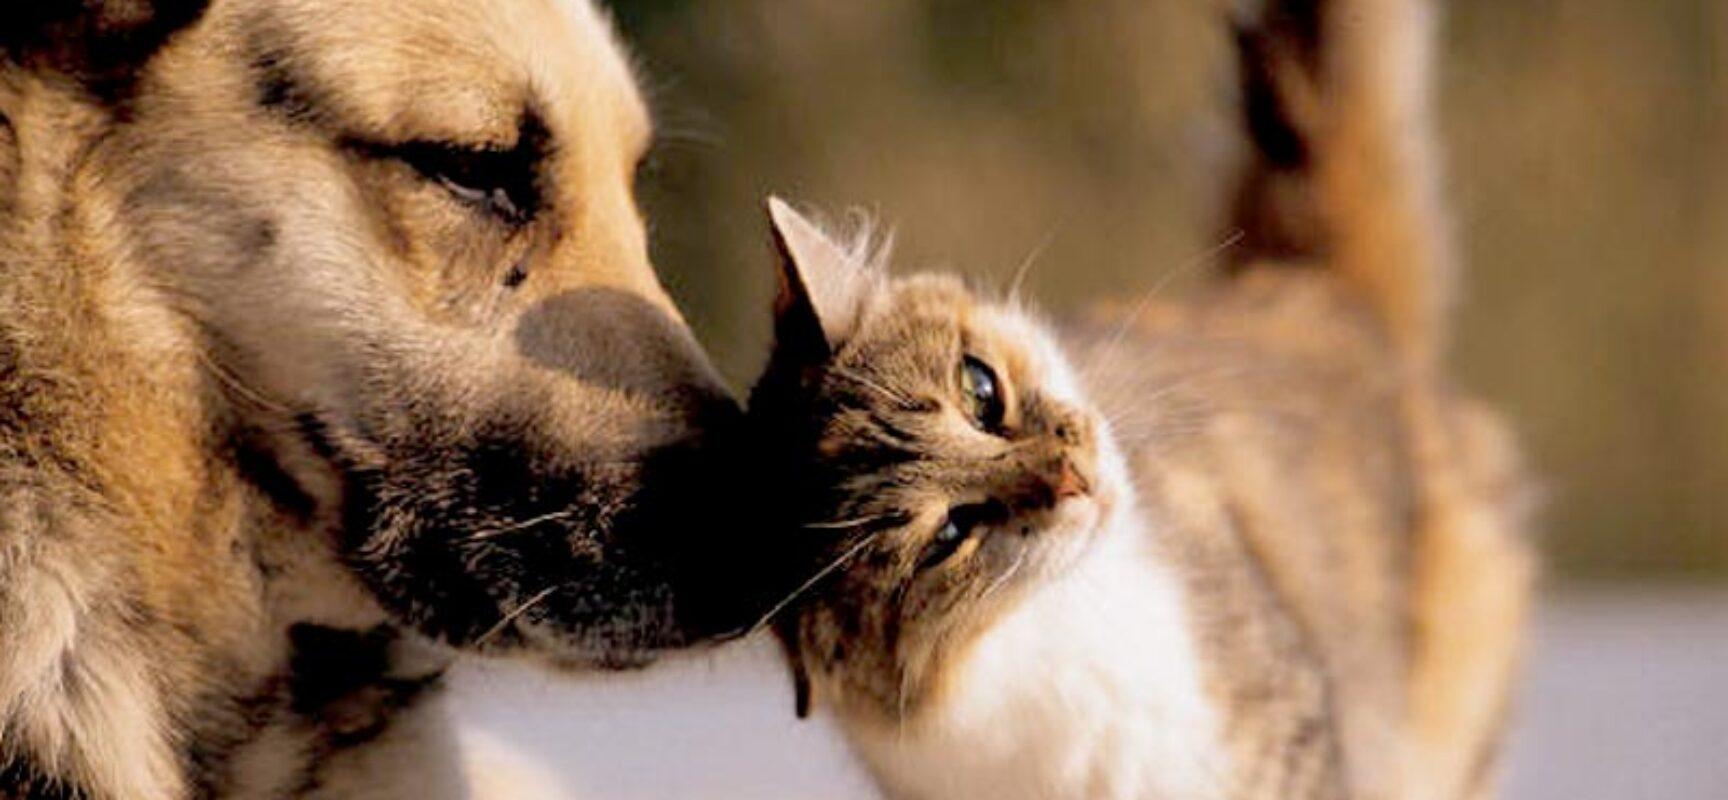 Ilhéus: Vacinação antirrábica para cães e gatos acontece neste sábado das 8h às 16h